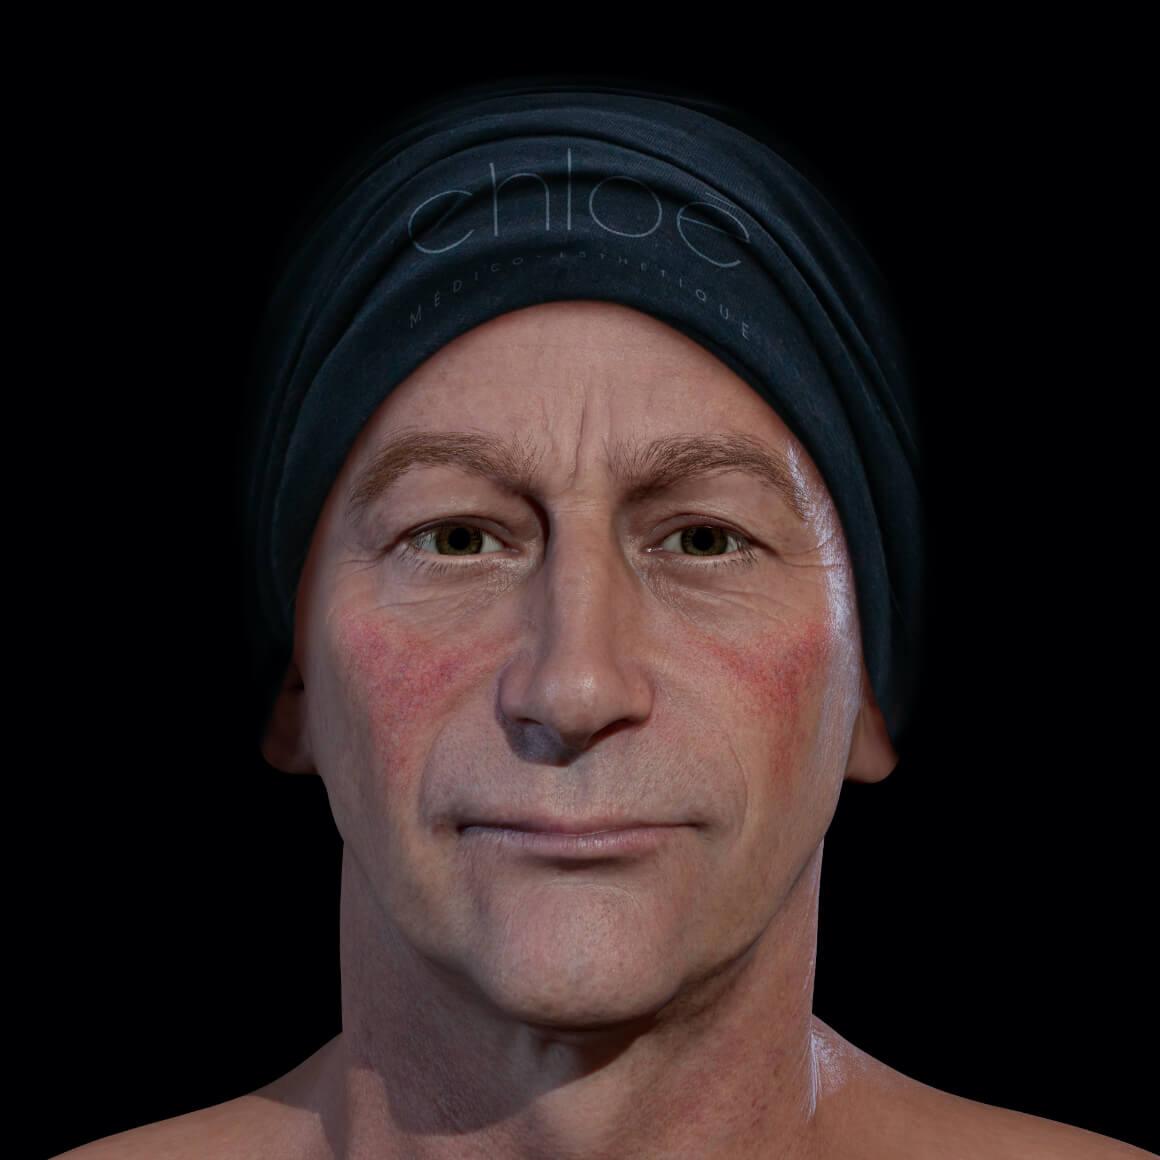 Patient de la Clinique Chloé positionné de face ayant de la rosacée sur les joues